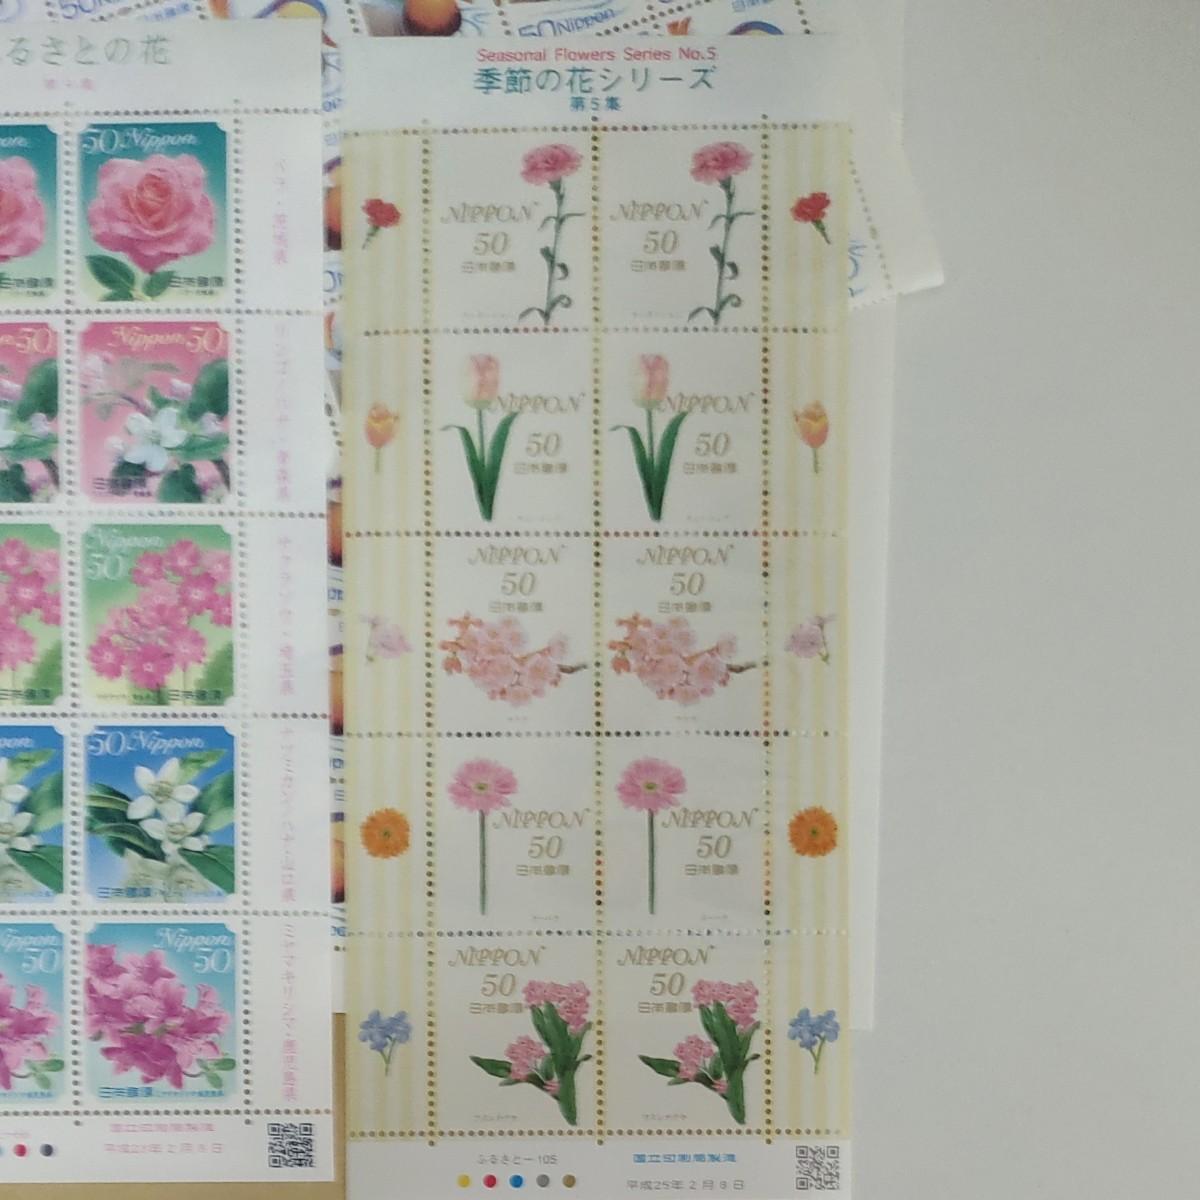 記念切手シート 花シリーズ他まとめ売り